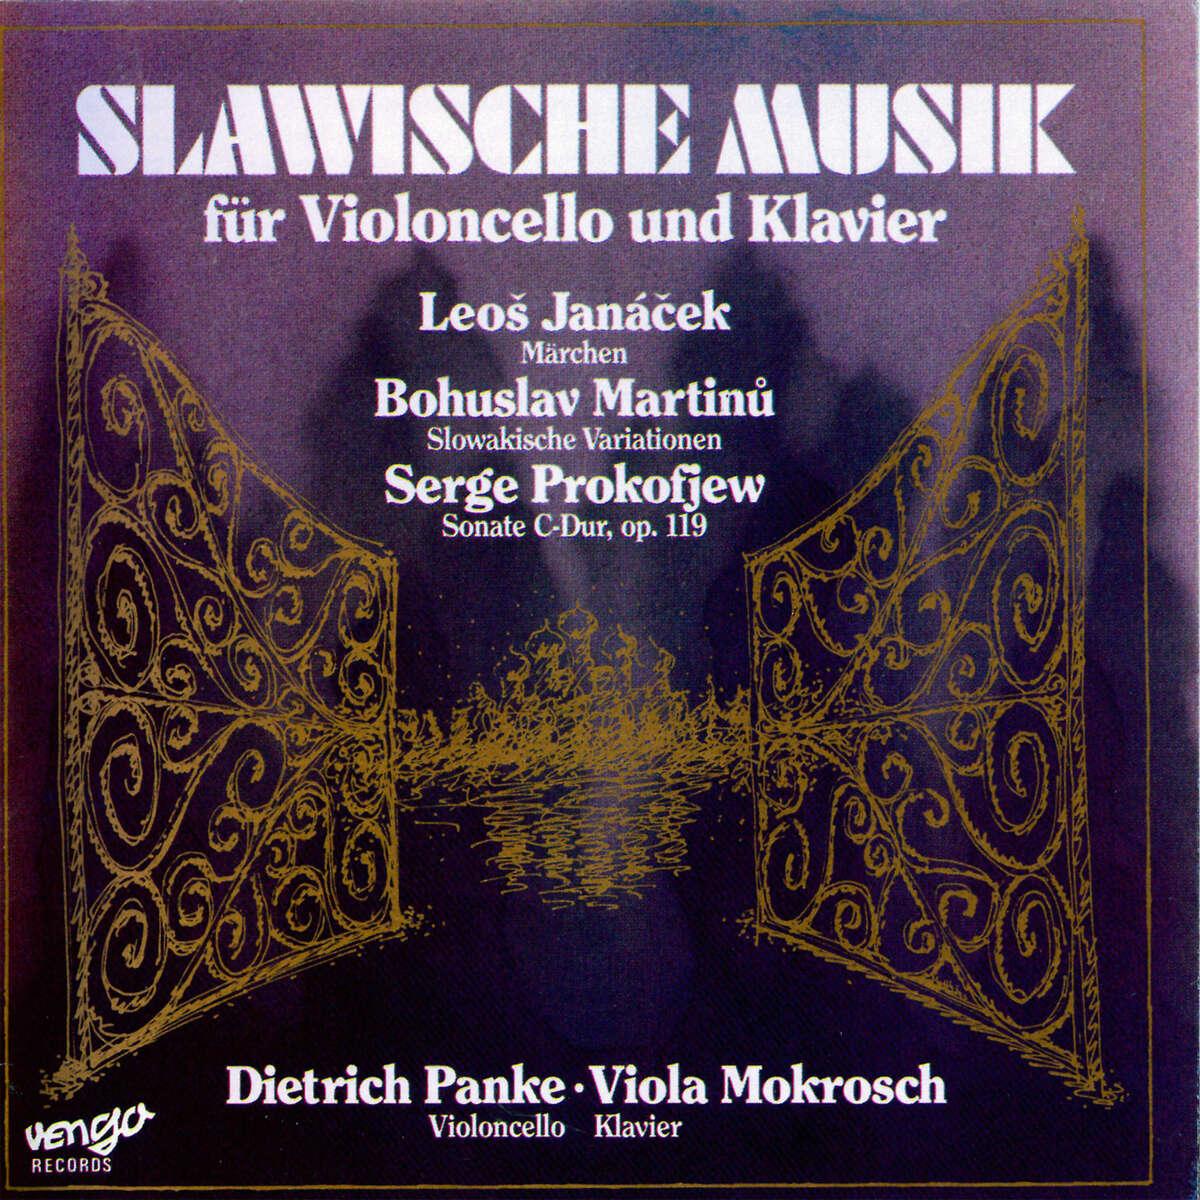 Slawische Musik für Violoncello und Klavier